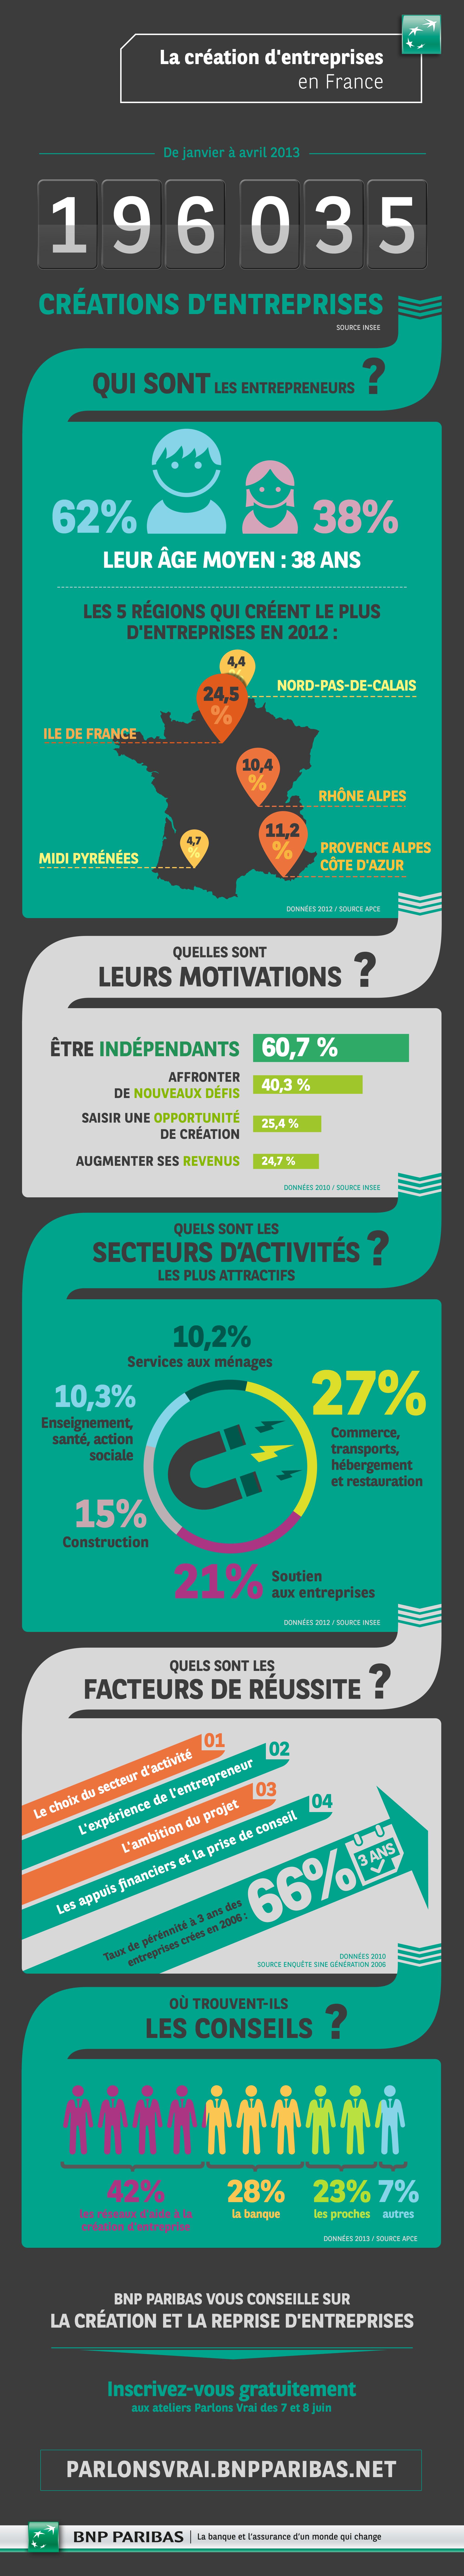 Infographie La Creation D Entreprise En France Pour En Savoir